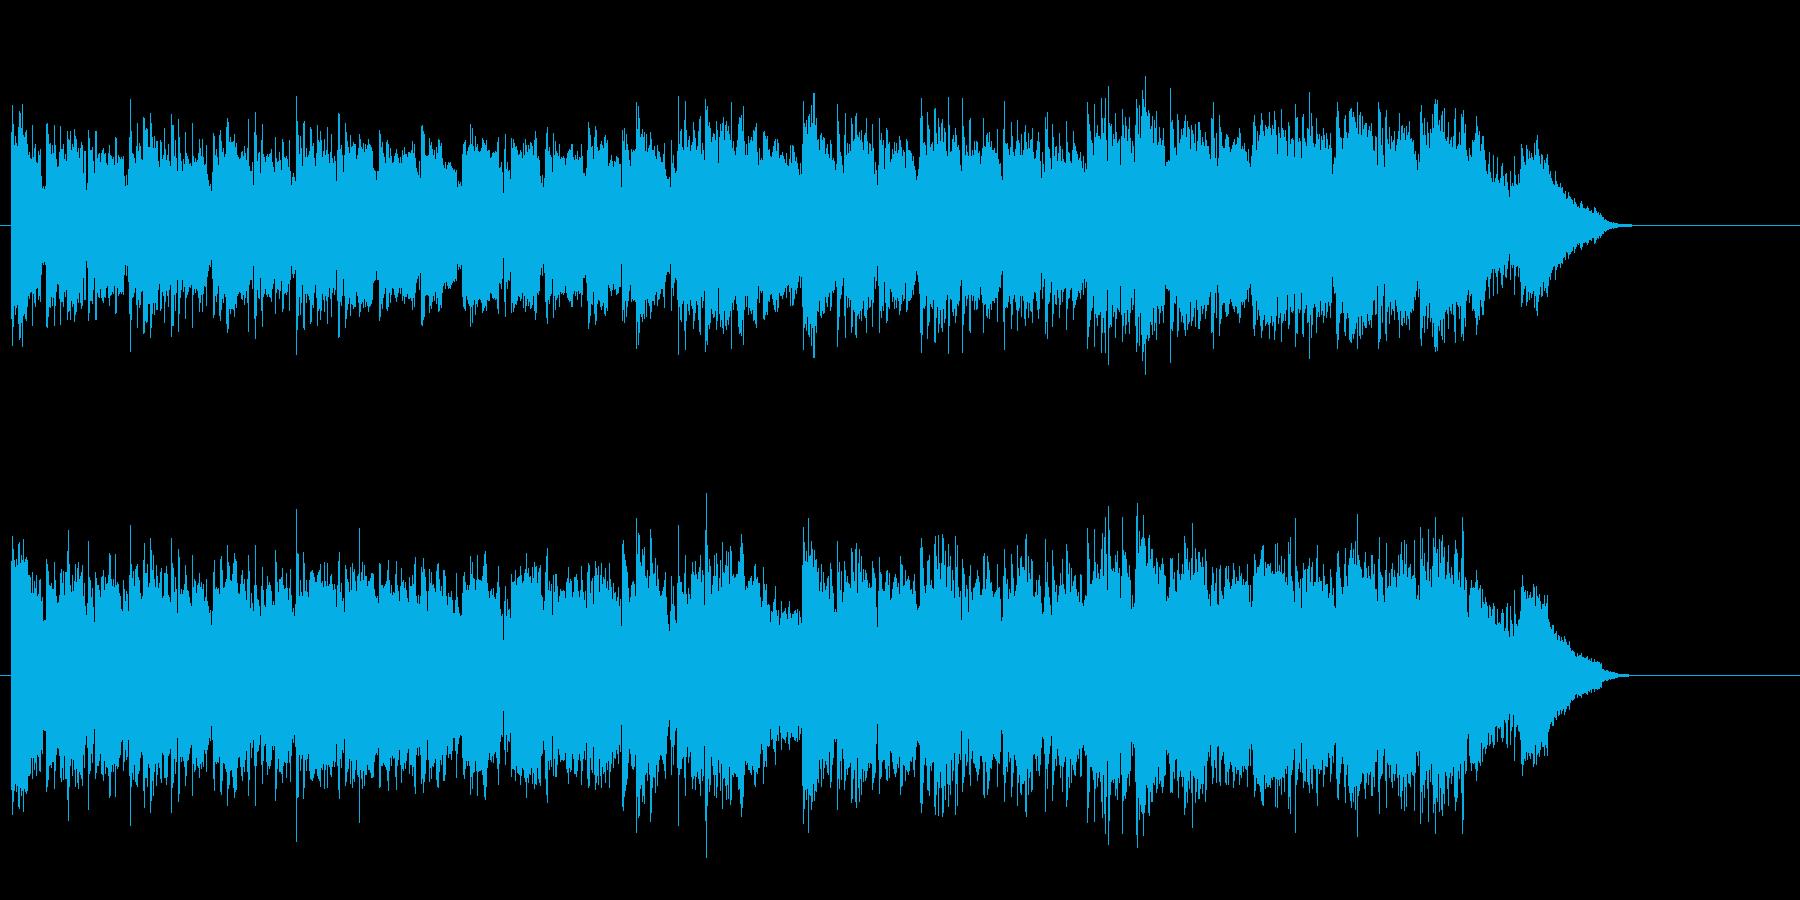 昔なつかしいあのチャイニーズ・メロディの再生済みの波形